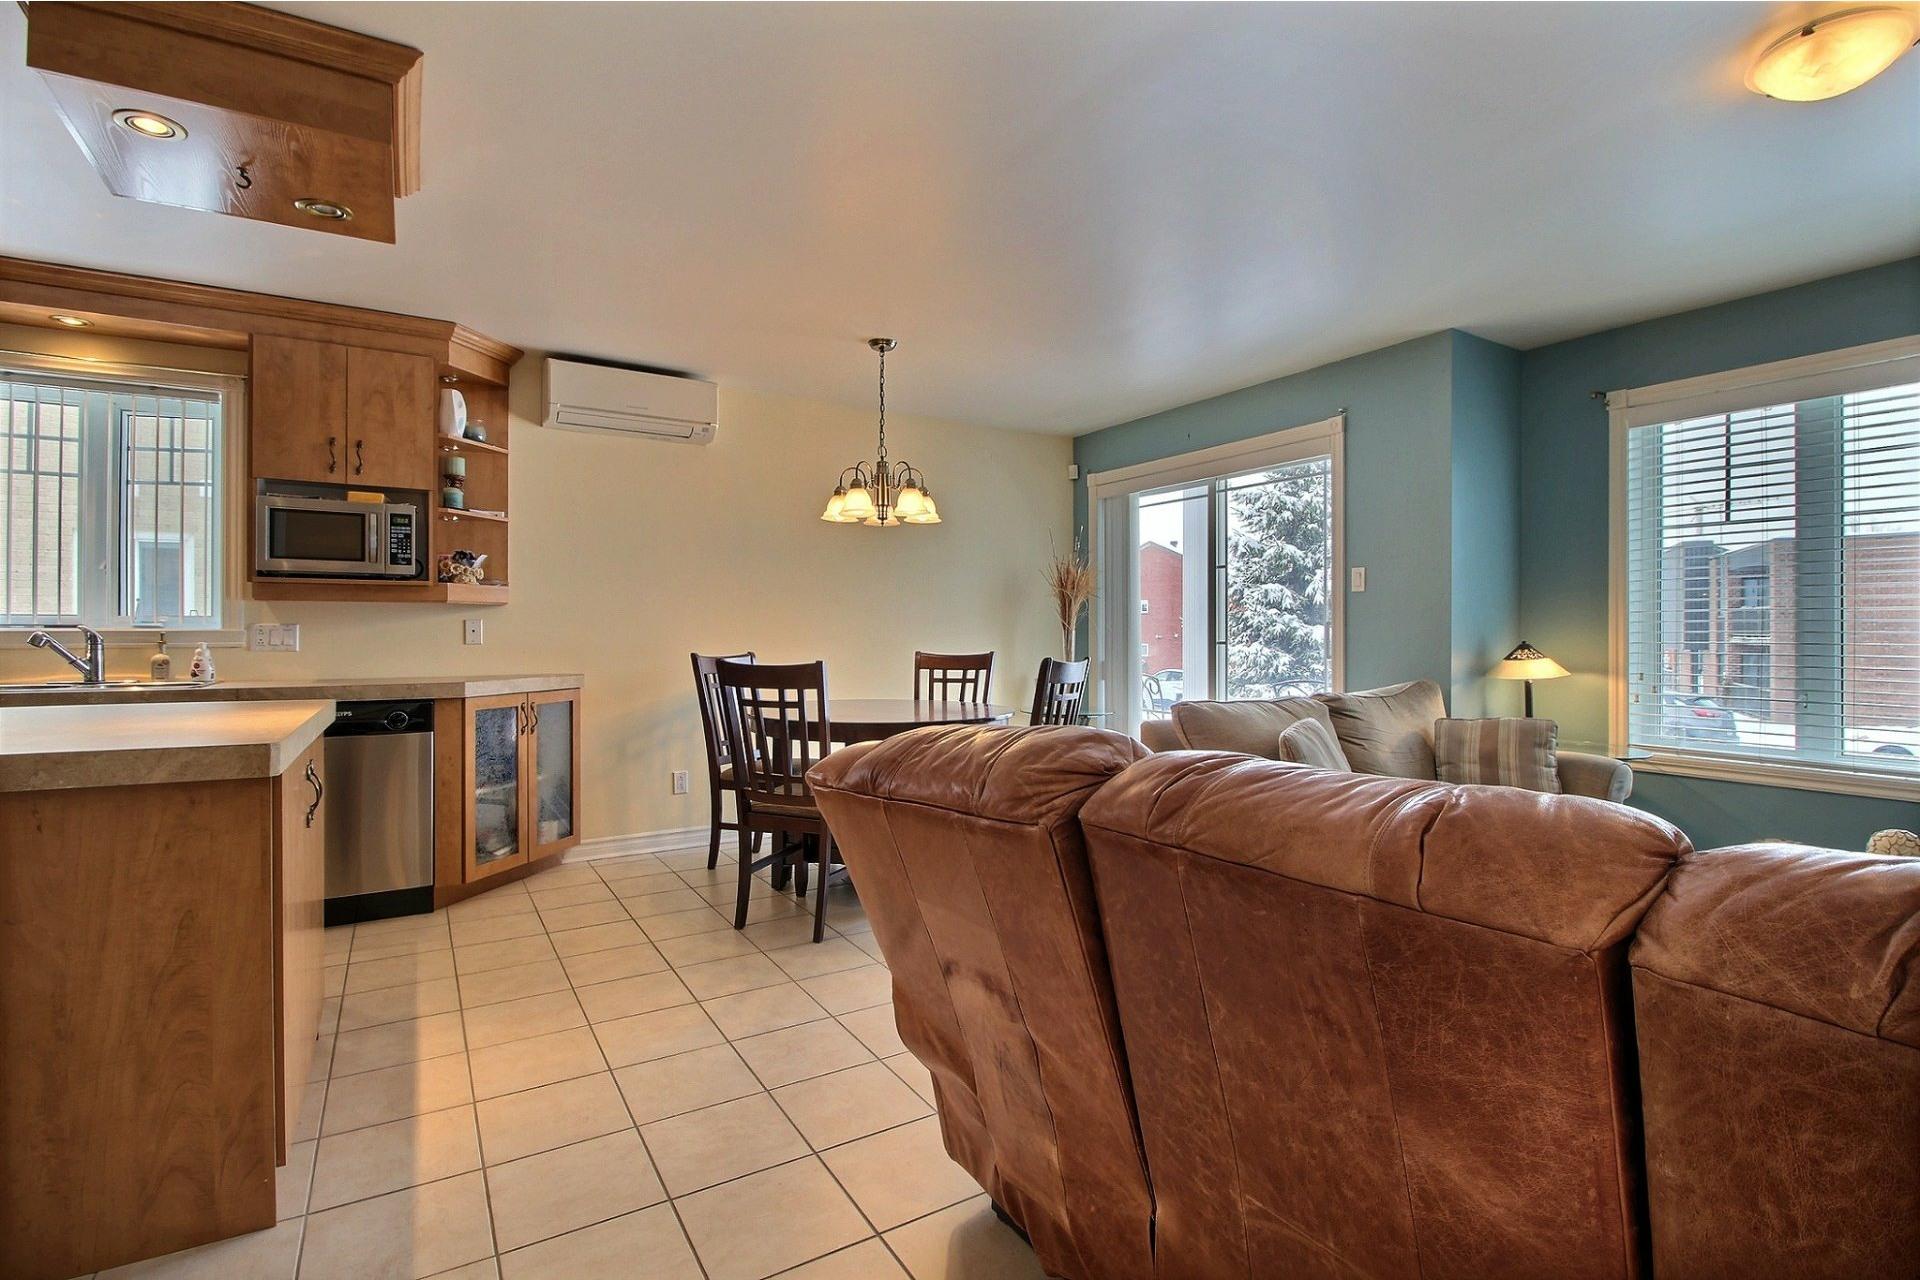 image 4 - Apartment For sale Notre-Dame-des-Prairies - 10 rooms